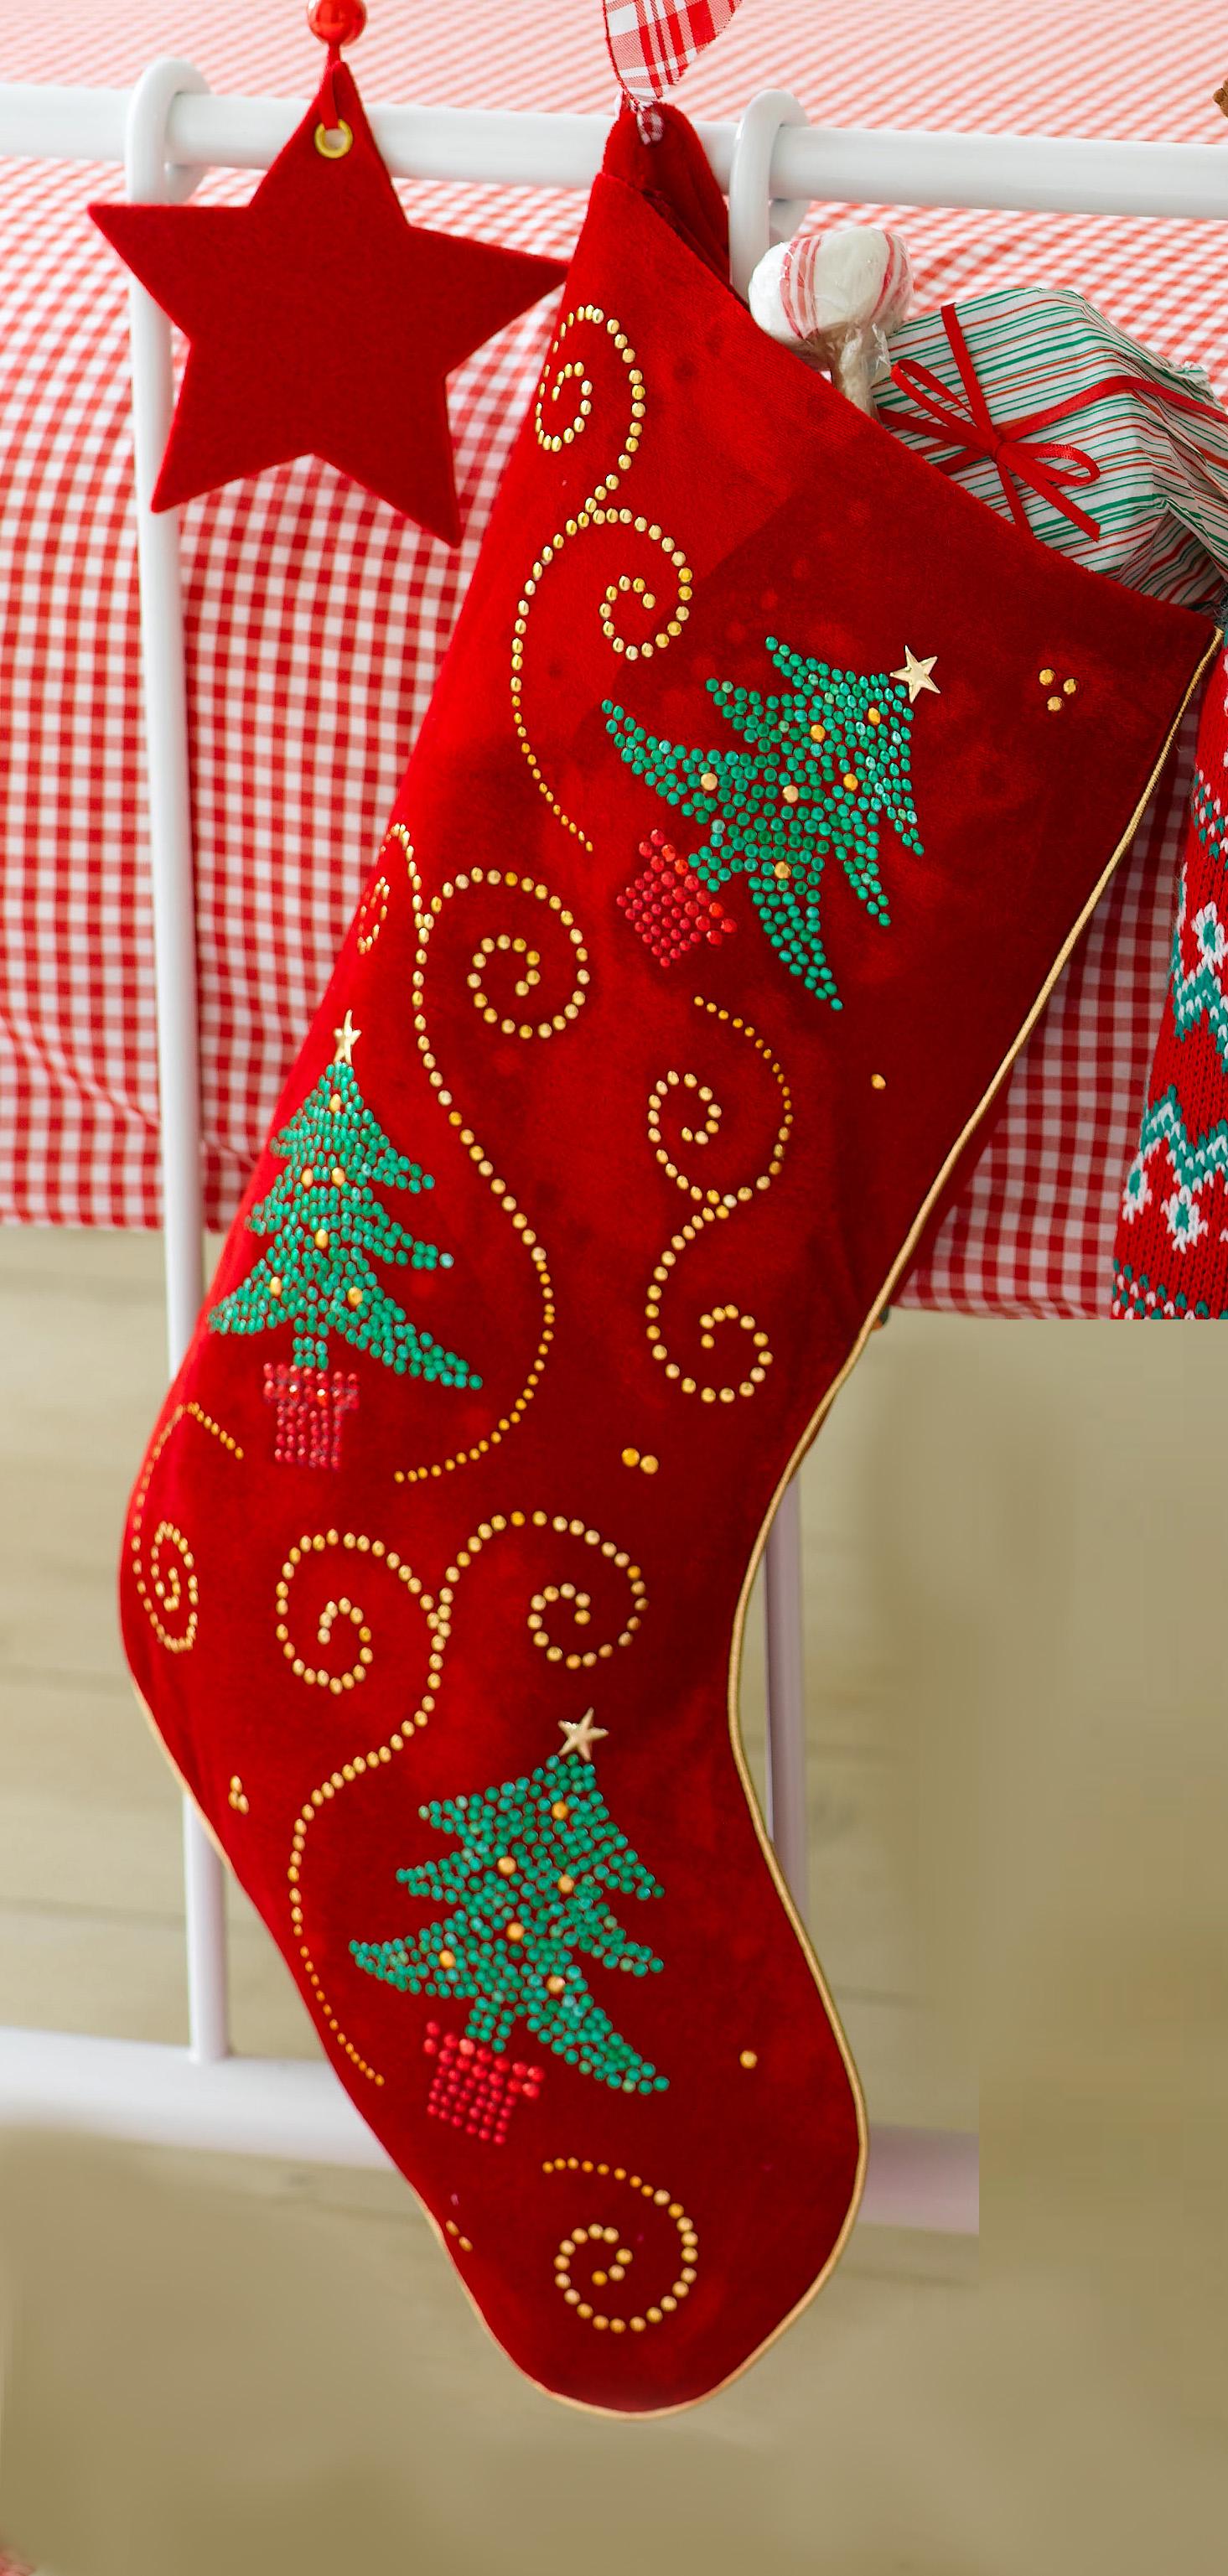 #830705 Modèle Tricot Chaussettes Noel 5523 décorations de noel tricot 1465x3073 px @ aertt.com